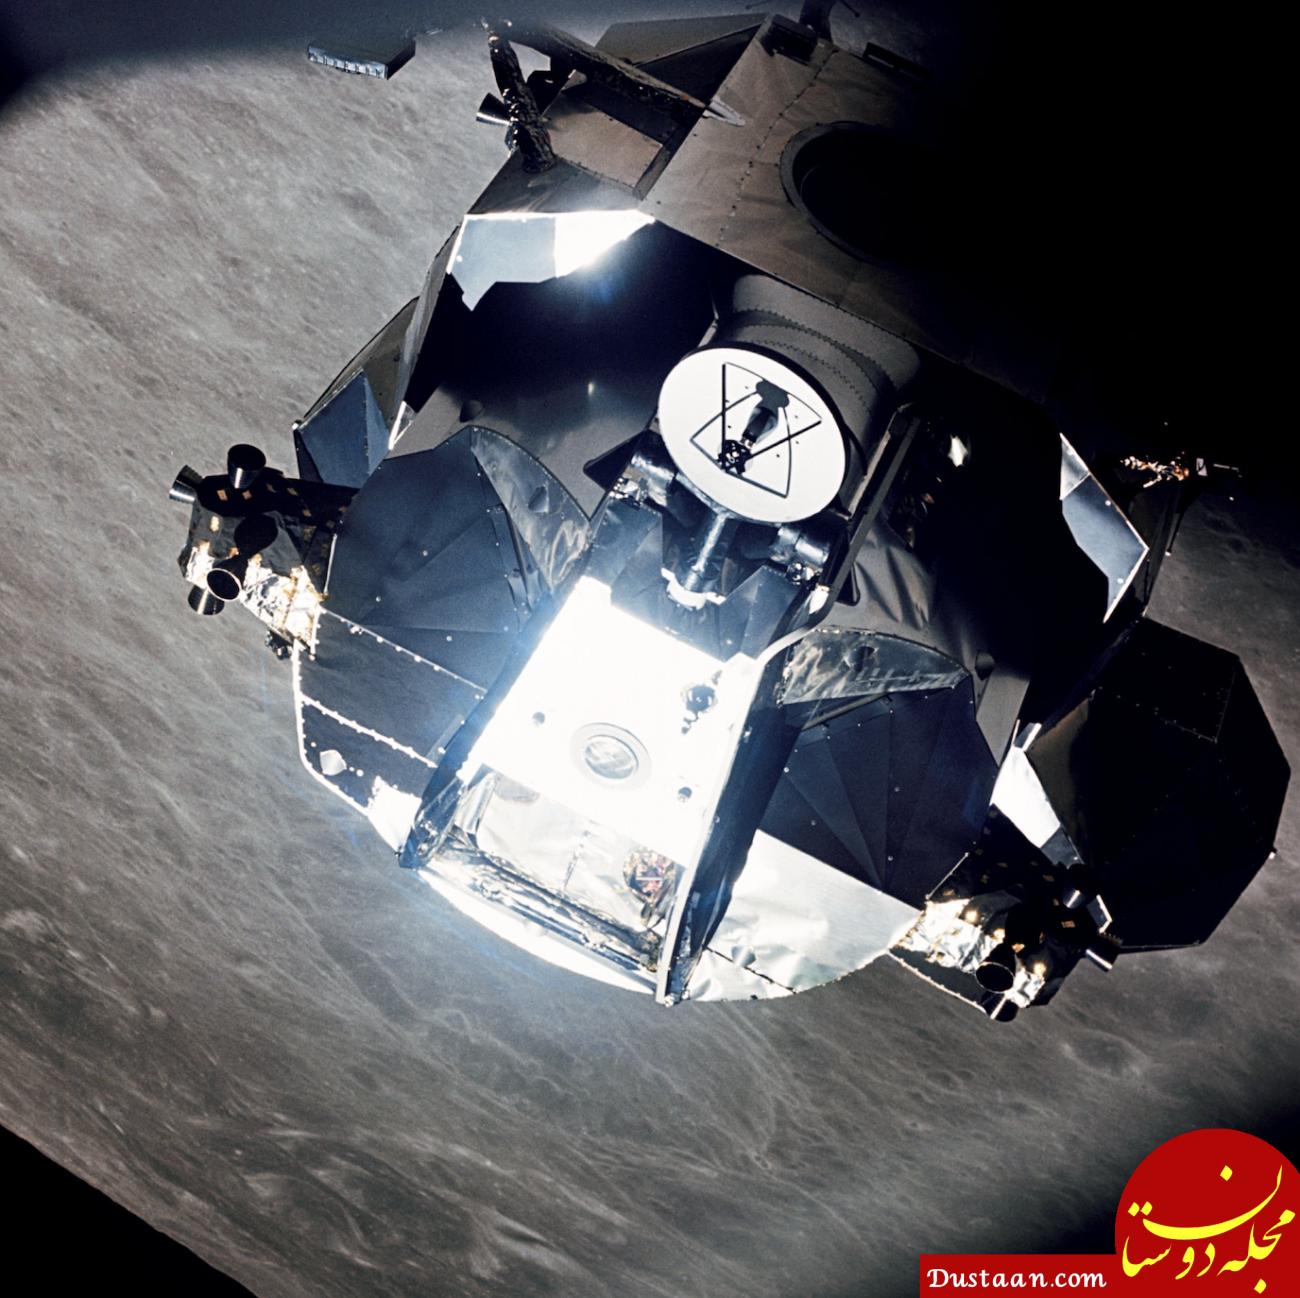 ماجرای سفر پرماجرای فضانوردان آپولو ۱۰